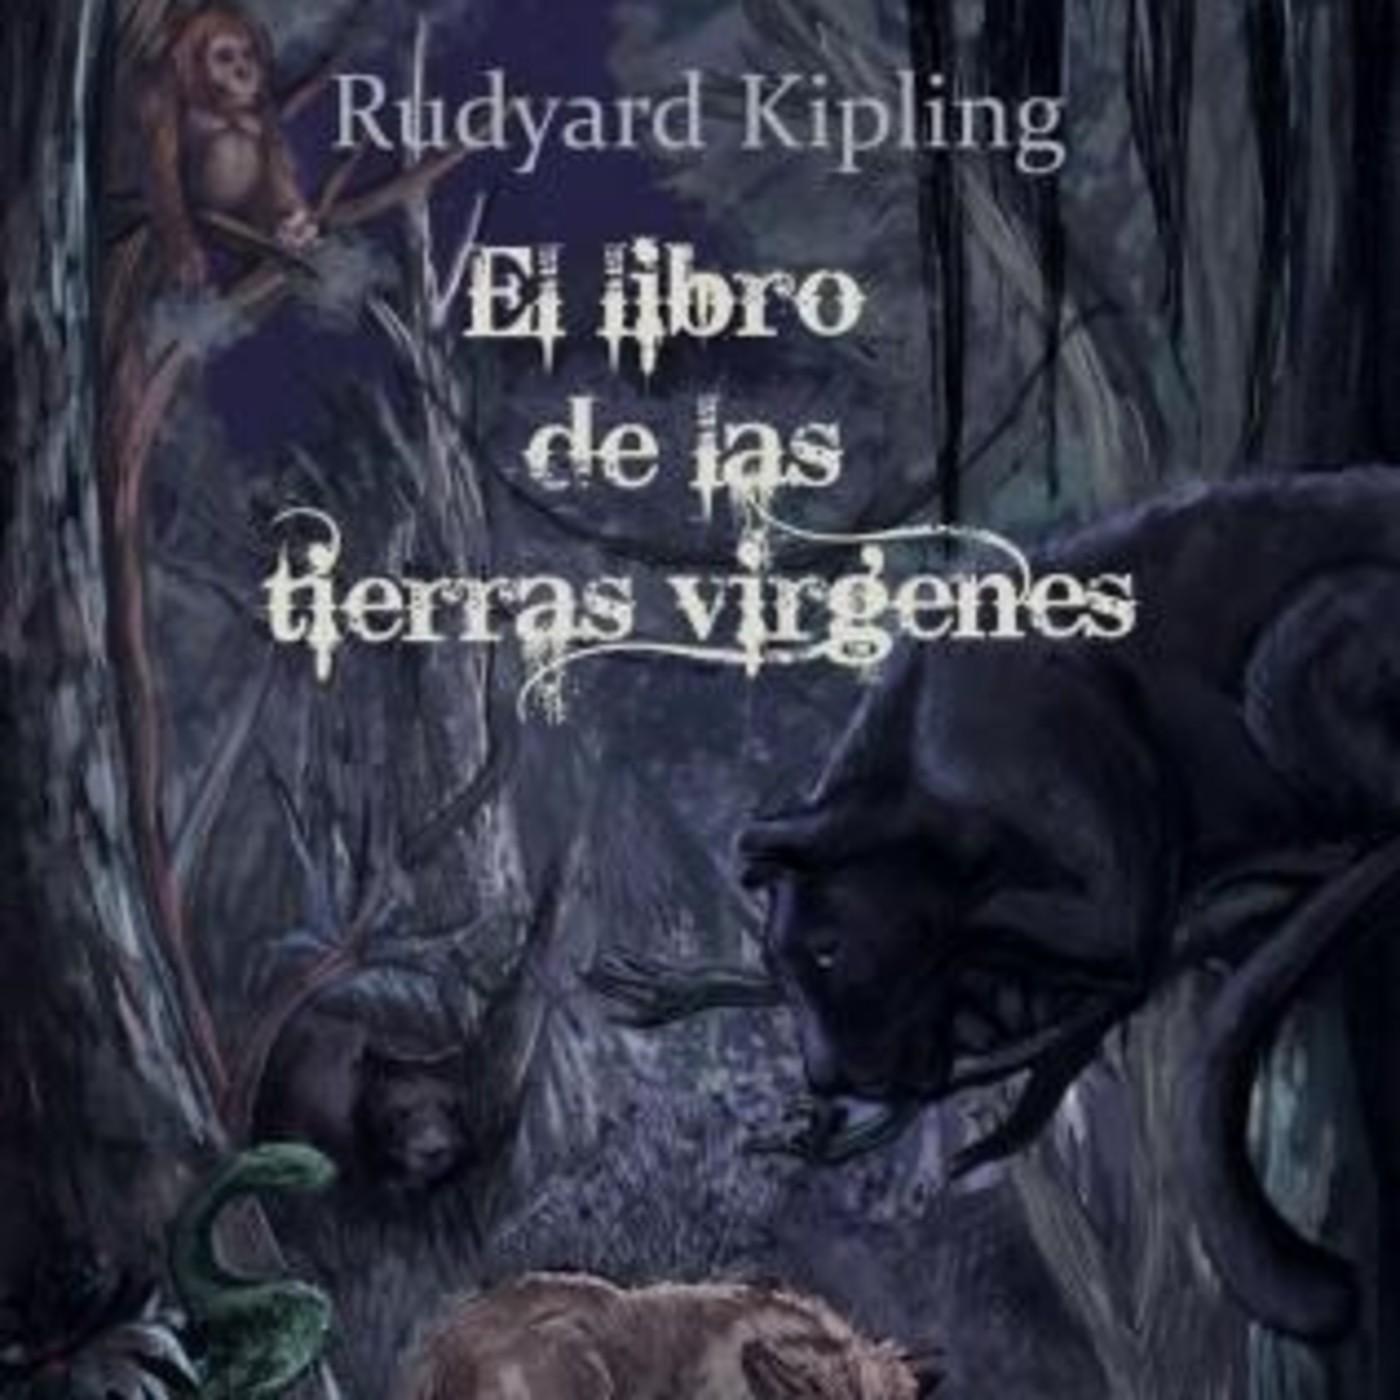 Limpia el cuarto De otra manera ajuste  5.- El libro de las Tierras vírgenes de Ruyard Kipling. De Cómo vino el  miedo. en A voces (Todos oímos voces... elige cuales) en mp3(24/11 a las  07:00:00) 01:01:09 44375546 - iVoox